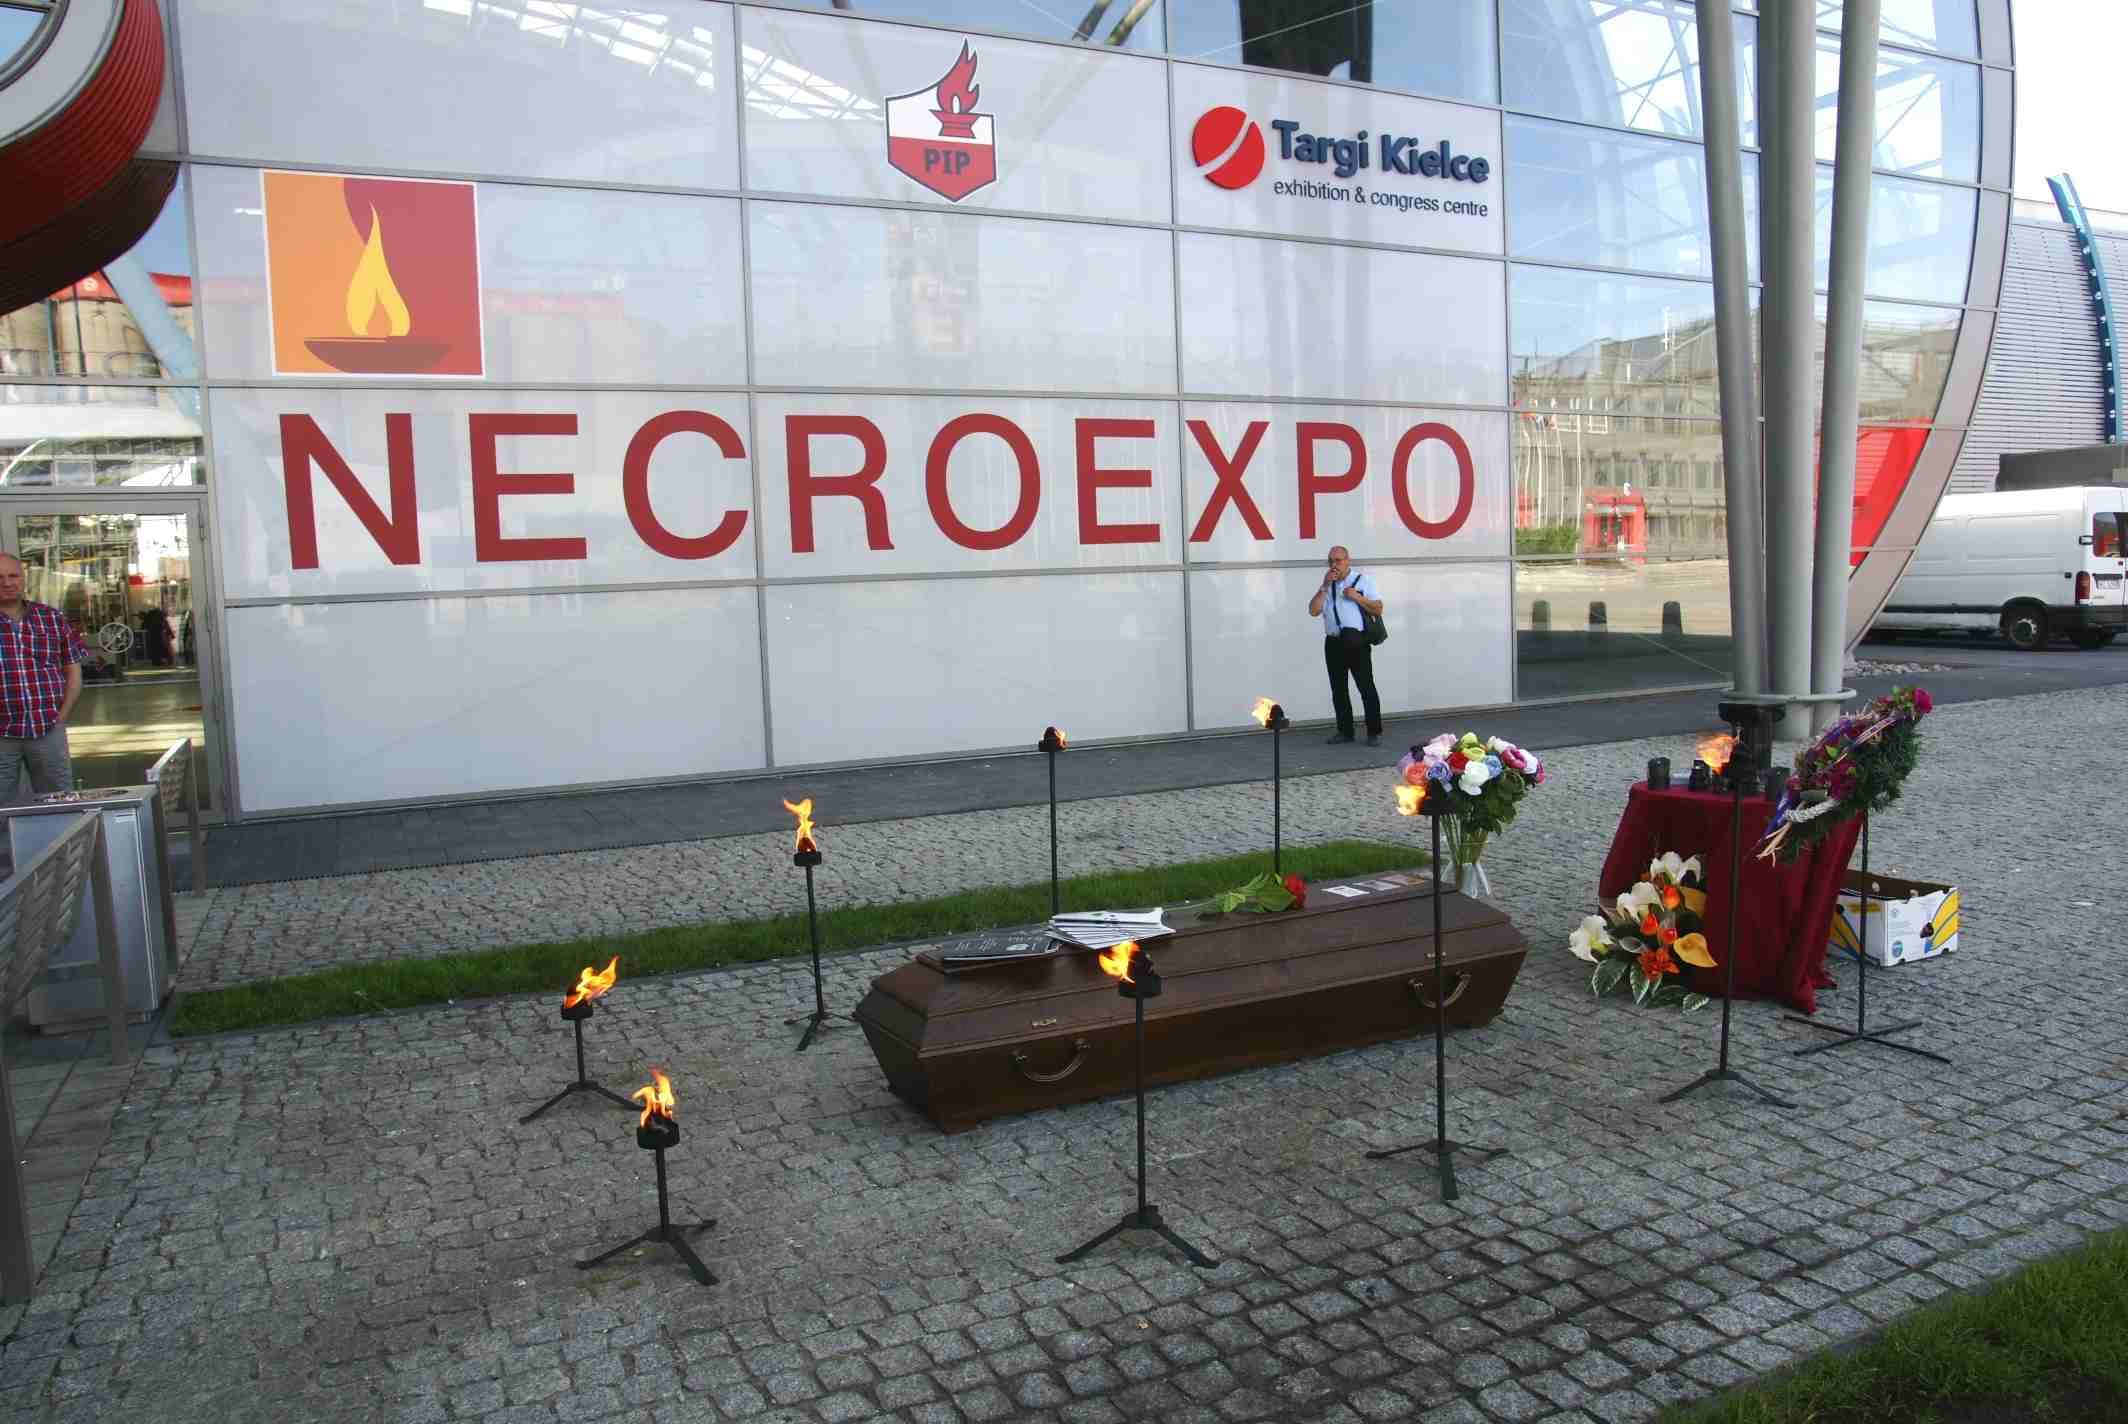 Анонс выставки Necroexpo 2019